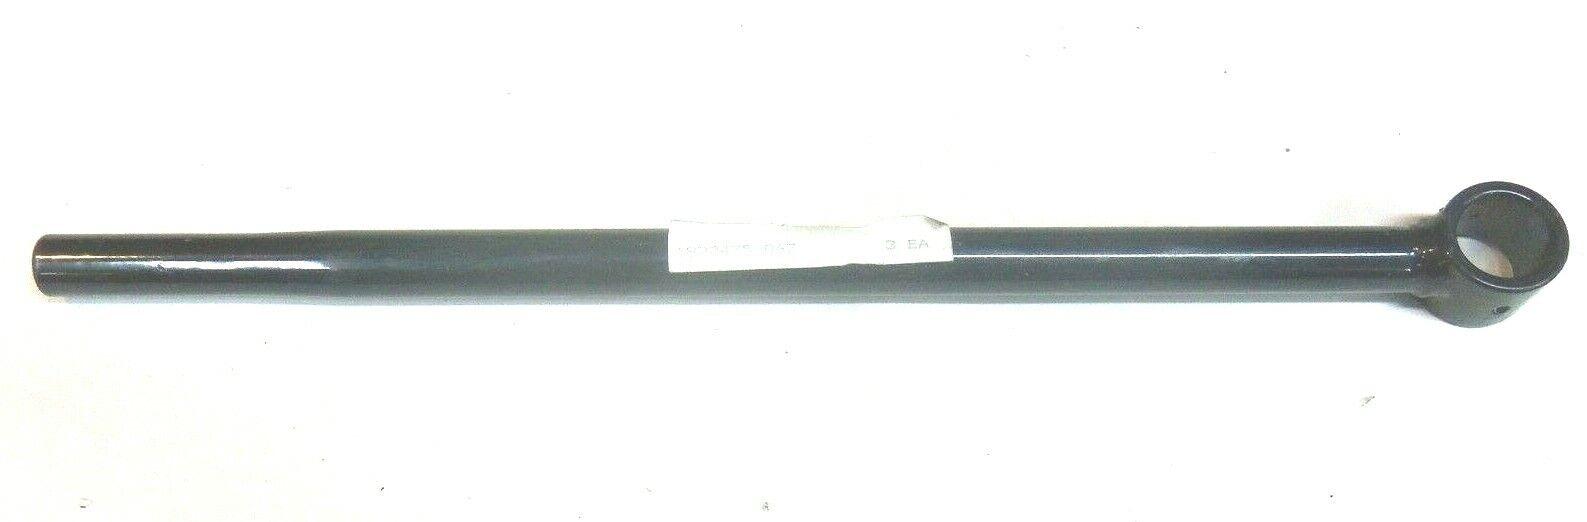 Firestone 2229 Electrical Air Pressure Gauge 2-1//16 In Dia White Face